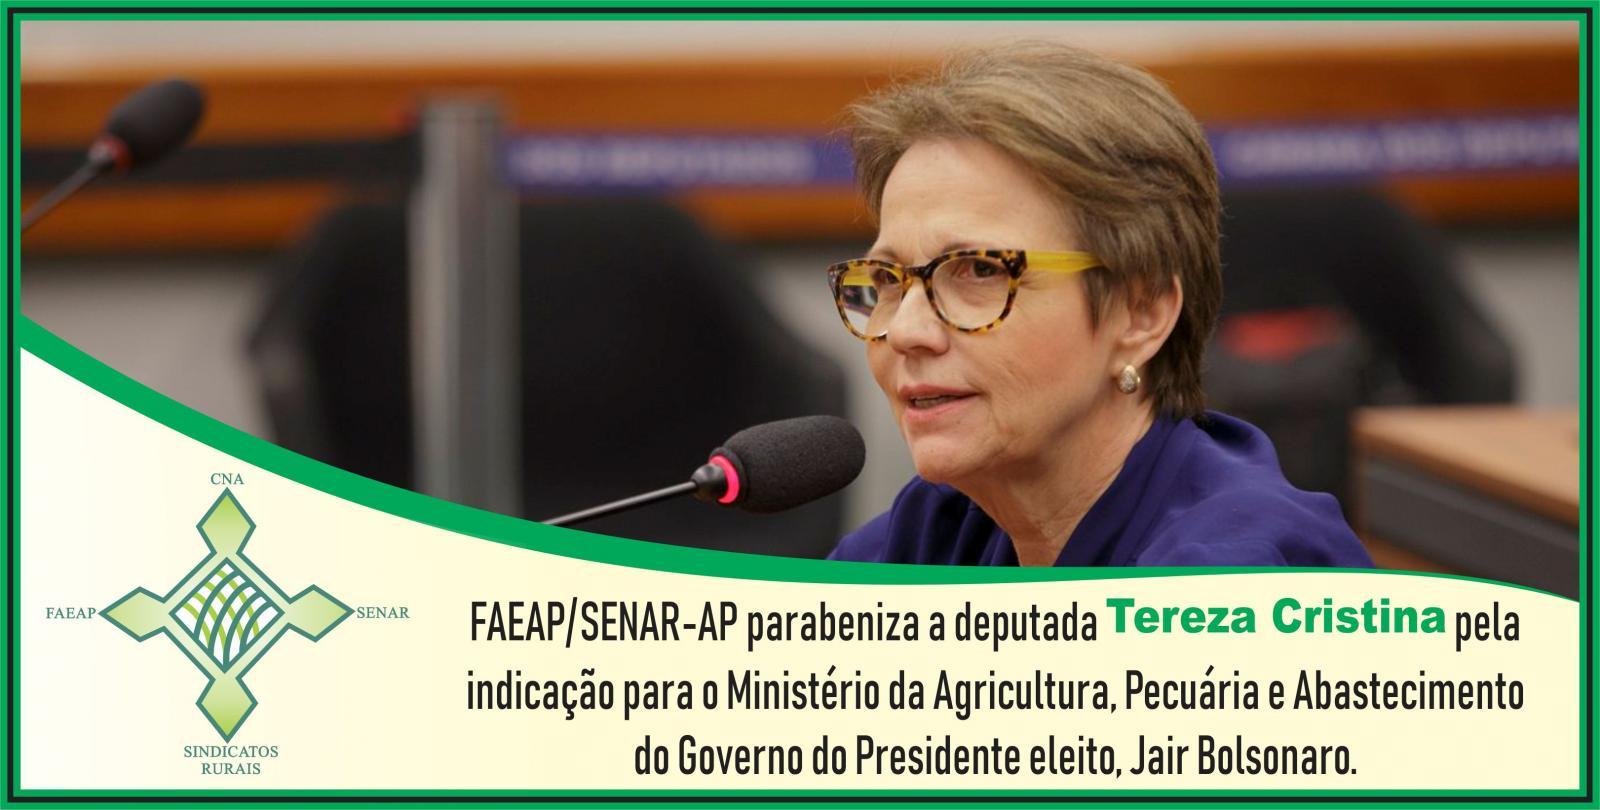 FAEAP/SENAR-AP parabeniza a deputada Tereza Cristina pela indicação para o Ministério da Agricultura